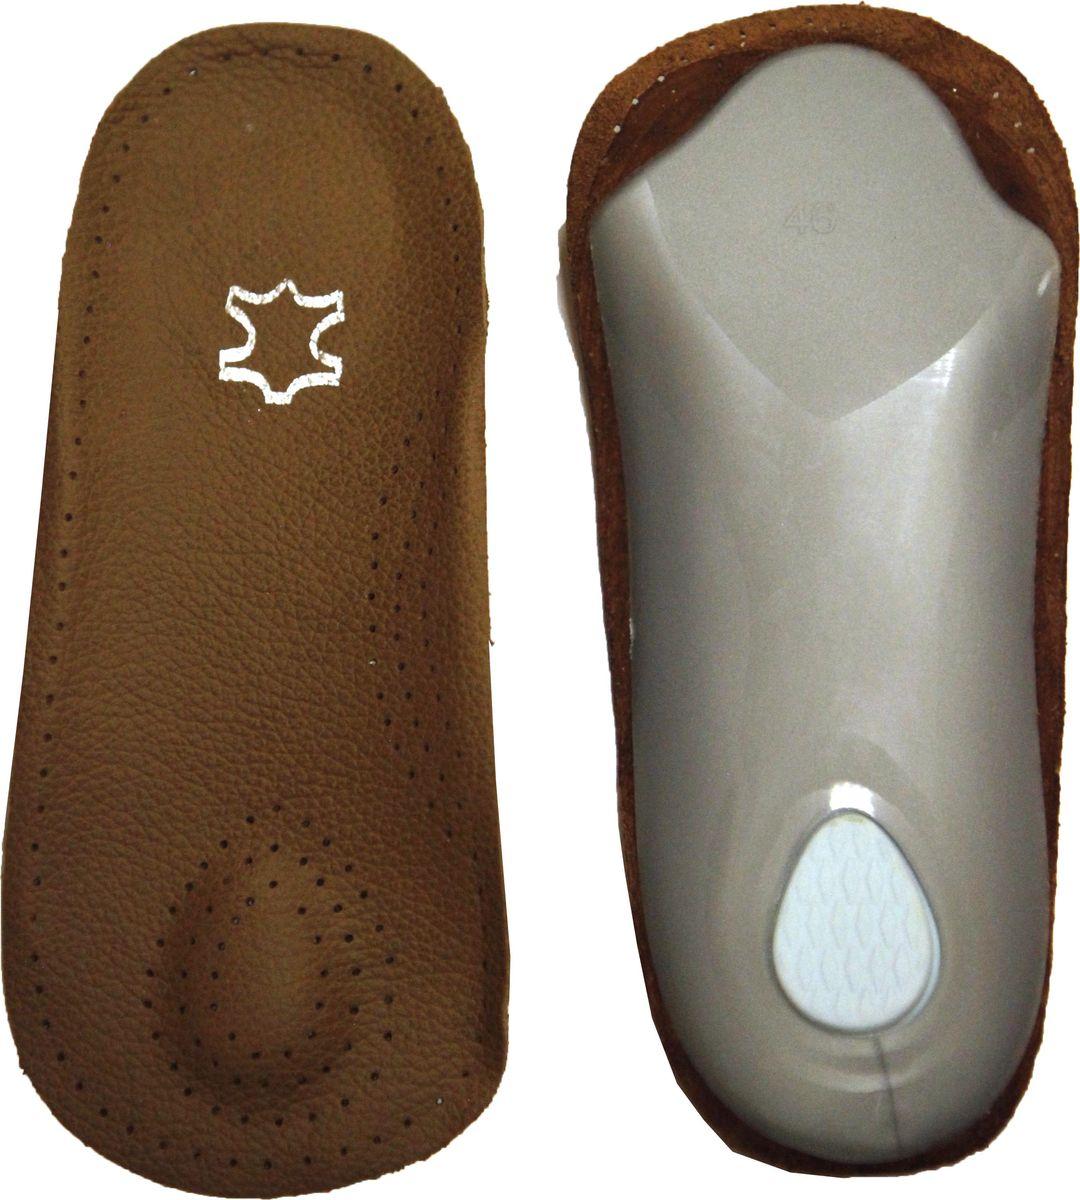 Полустельки для обуви Практика Здоровья, цвет: коричневый. ПСТК1. Размер 43/44ПСТК1Полустелька каркасная кожанаяобеспечивает поддержку продольного и поперечного сводов стопы и защищает от развития плоскостопия. Имеет пяточный амортизатор, обеспечивающий снижение ударной нагрузки на пятку.